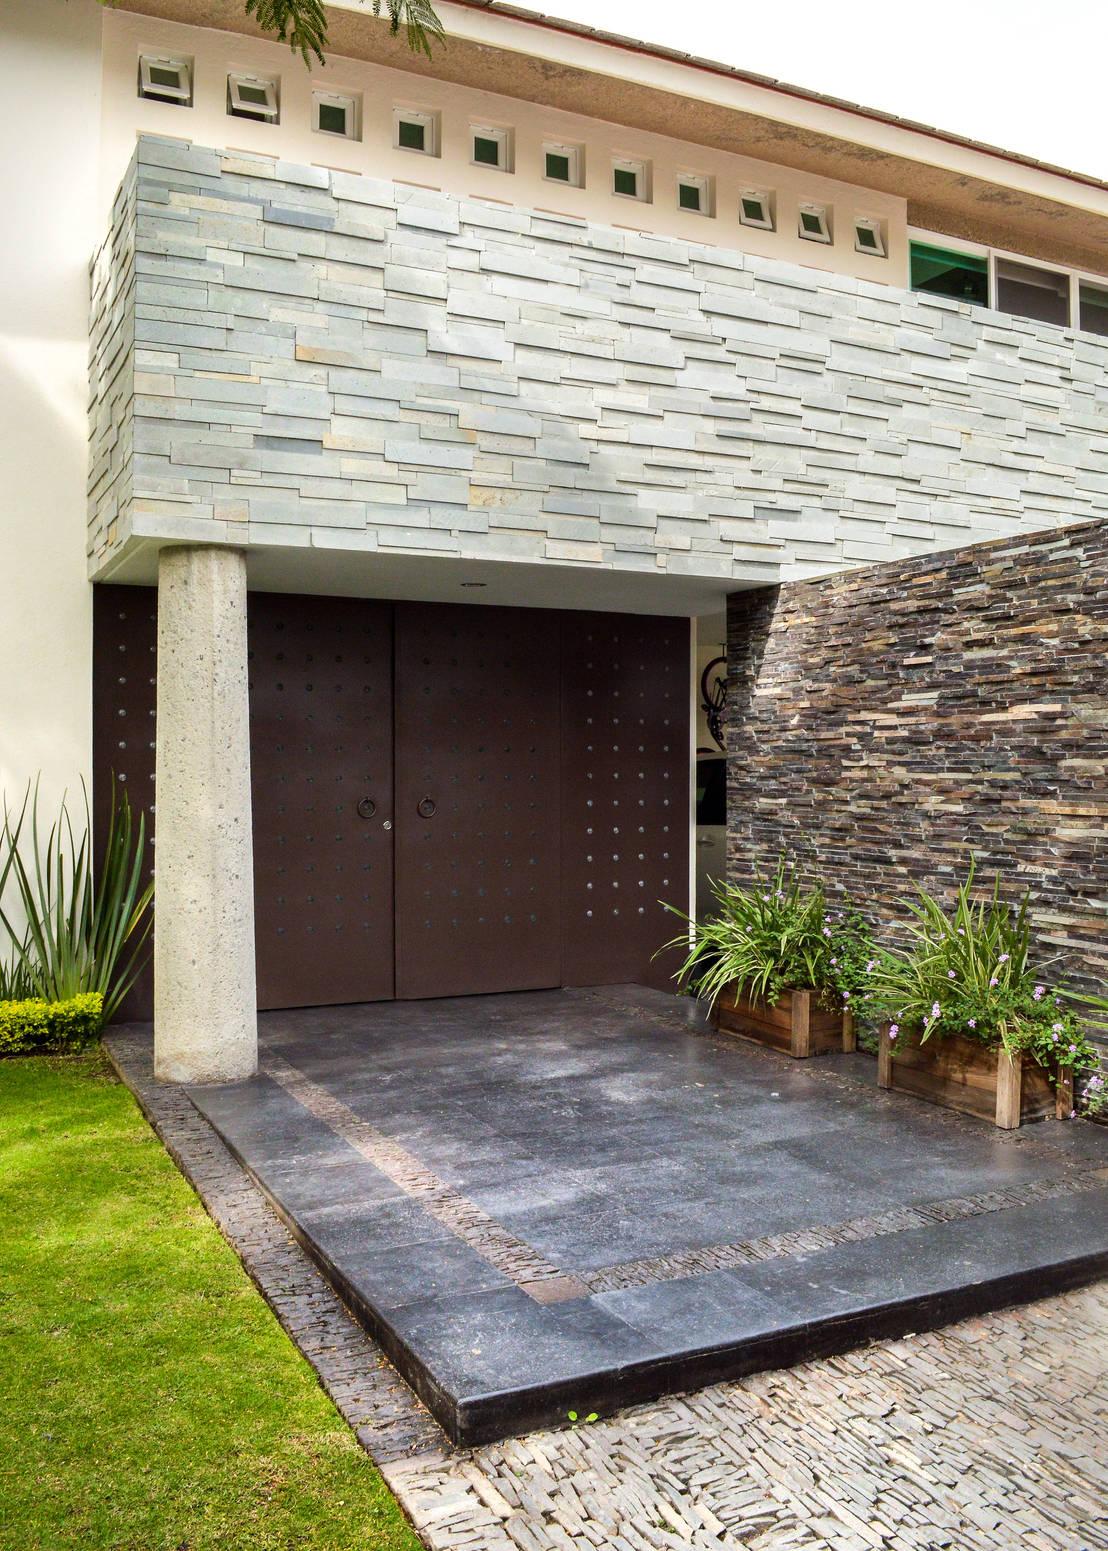 13 ideas con piedra para remodelar la entrada de tu casa ya for Como remodelar tu casa